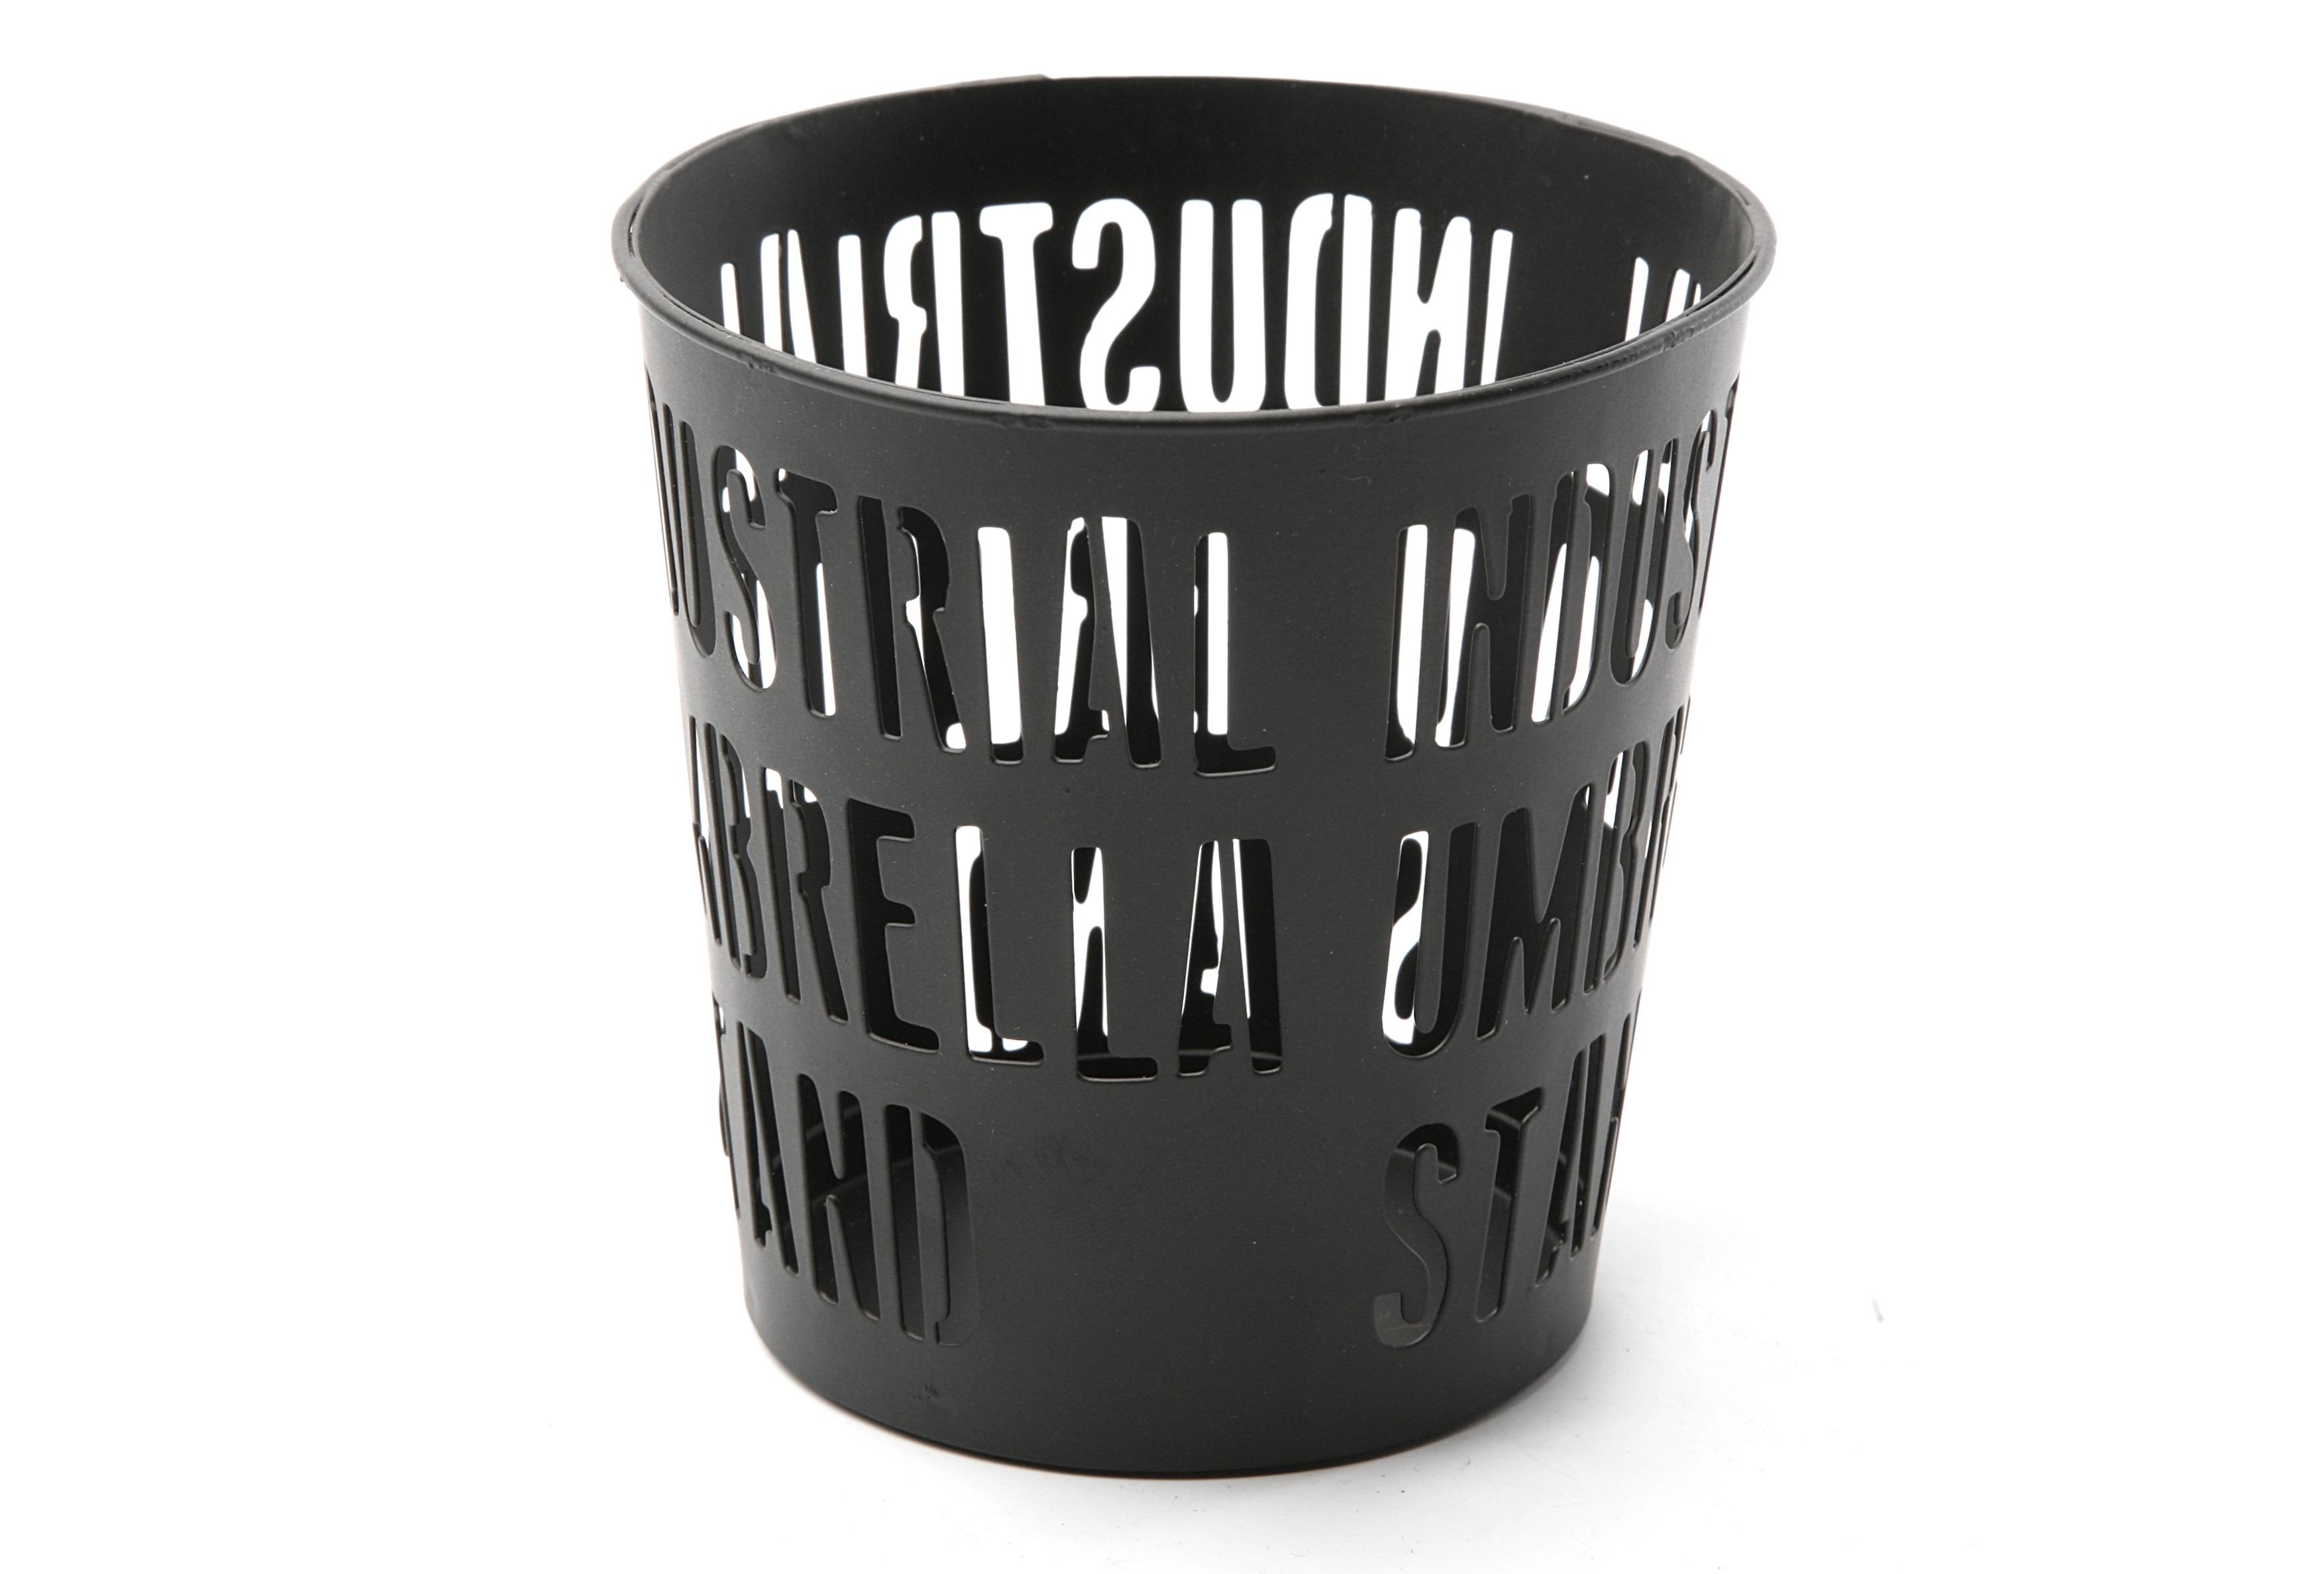 Стакан для карандашей LoftАксессуары для хранения бумаги и канцелярии<br><br><br>Material: Металл<br>Высота см: 11